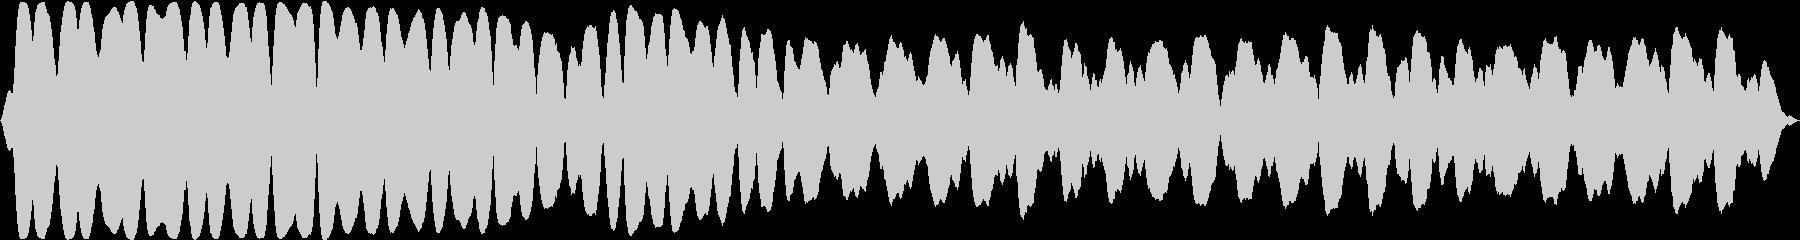 廃棄された宇宙ステーション内部の不穏な音の未再生の波形